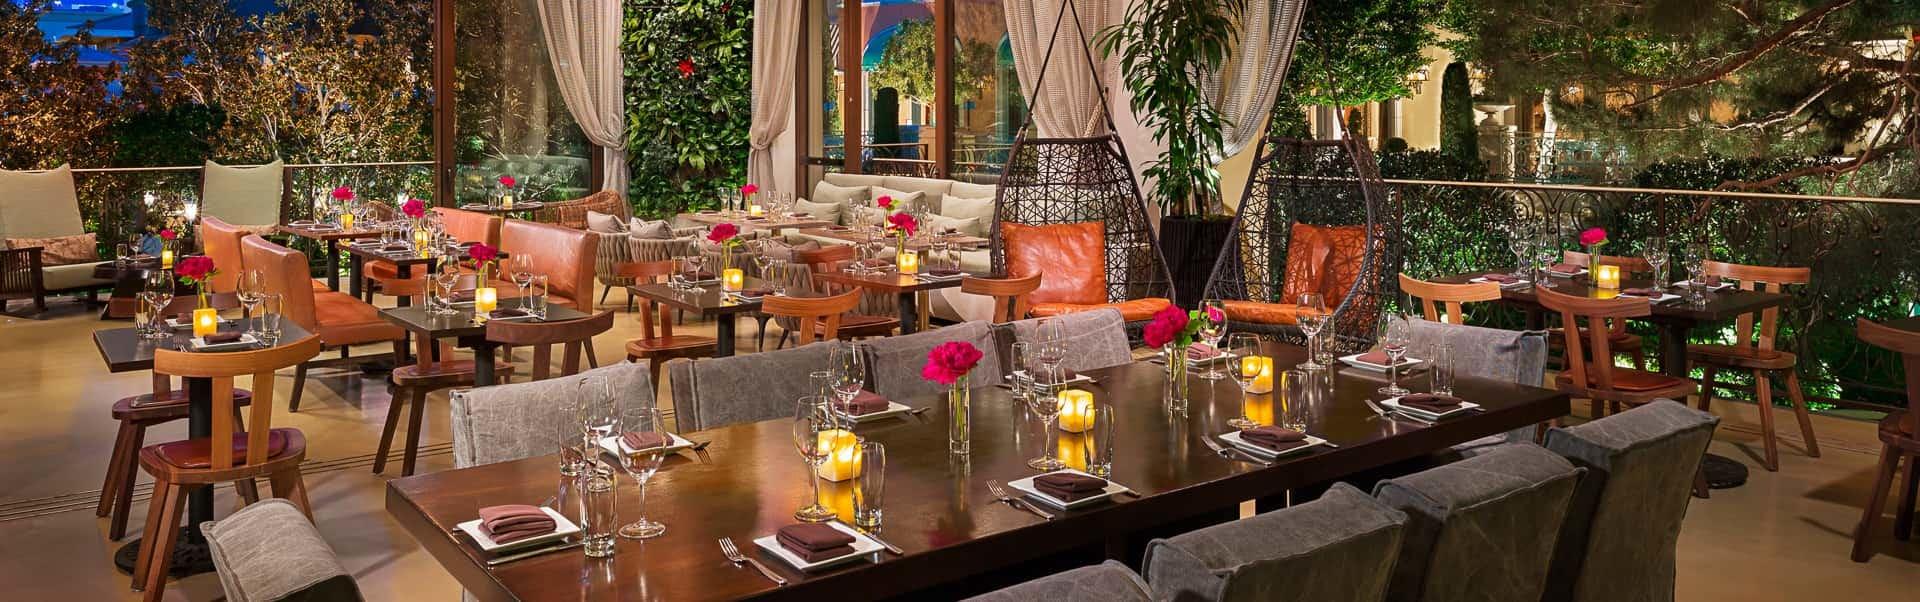 la cave bar restaurant wynn las